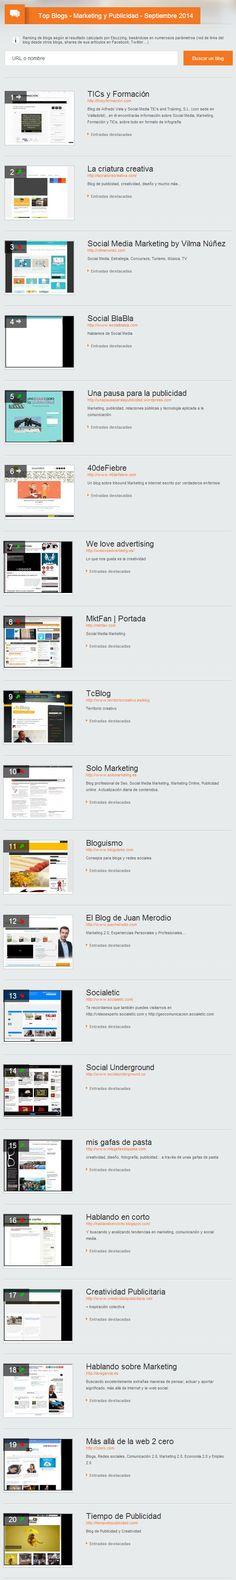 17 Cm Ideas Social Media Infographic Social Media Social Marketing